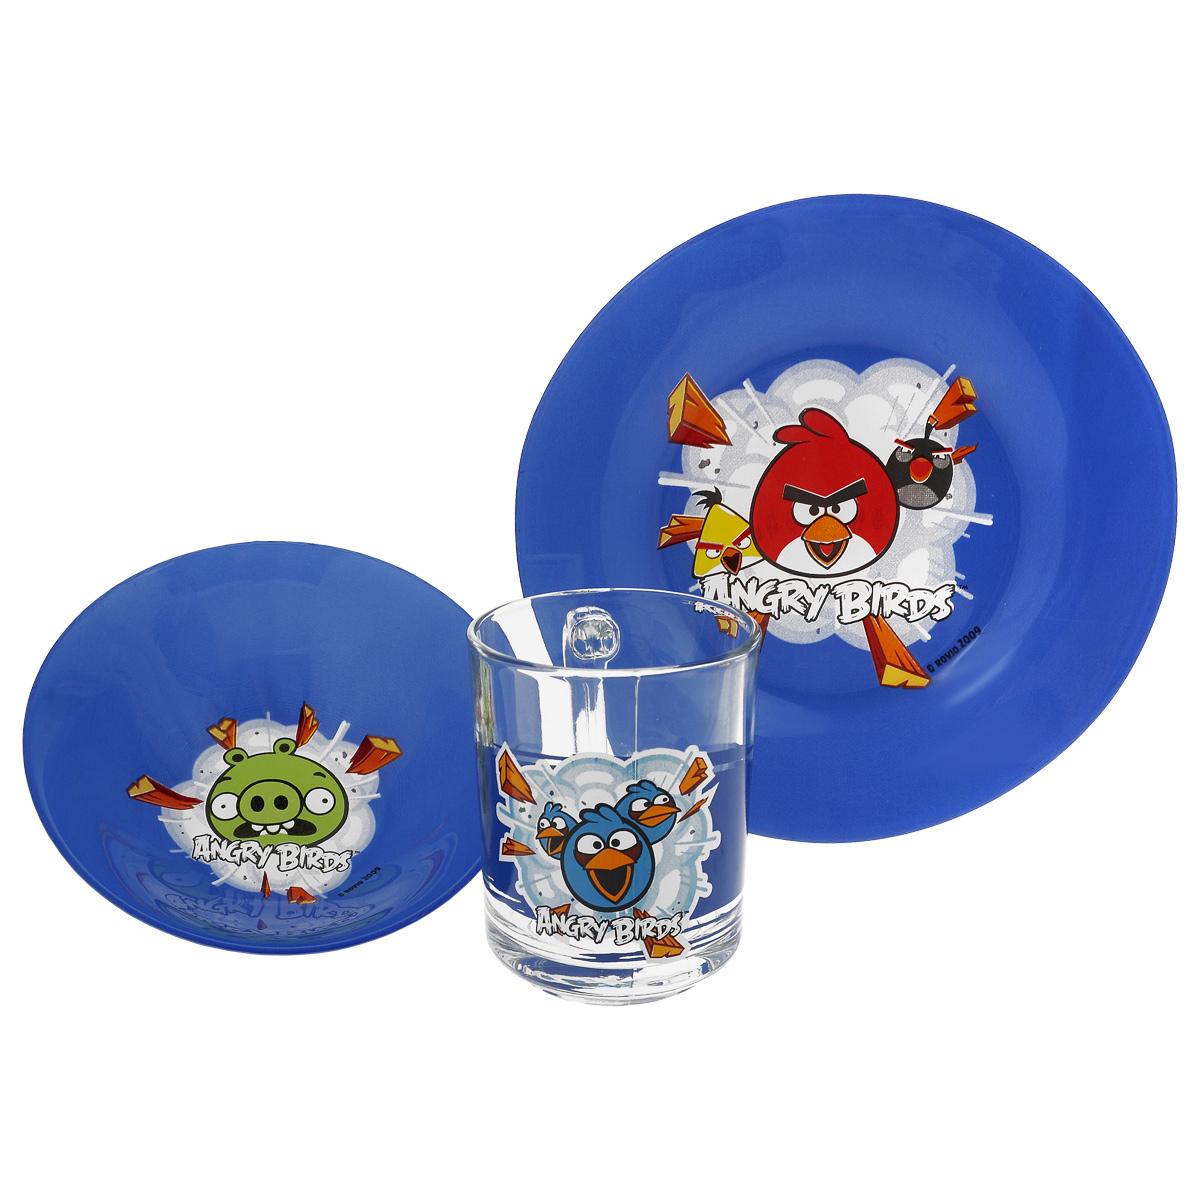 Набор детской посуды Angry Birds, цвет: синий, 3 предмета1057901Набор детской посуды Angry Birds, выполненный из стекла, состоит из кружки, тарелки и салатника. Изделия оформлены изображением любимых героев популярного мультфильма Angry Birds. Материалы изделий нетоксичны и безопасны для детского здоровья. Детская посуда удобна и увлекательна для вашего малыша. Привычная еда станет более вкусной и приятной, если процесс кормления сопровождать игрой и сказками о любимых героях. Красочная посуда является залогом хорошего настроения и аппетита ваших детей. Можно мыть в посудомоечной машине. Диаметр тарелка: 19,5 см. Диаметр салатника: 14 см. Высота салатника: 4,5 см. Объем кружки: 250 мл. Диаметр кружки (по верхнему краю): 7 см. Высота кружки: 9,5 см.